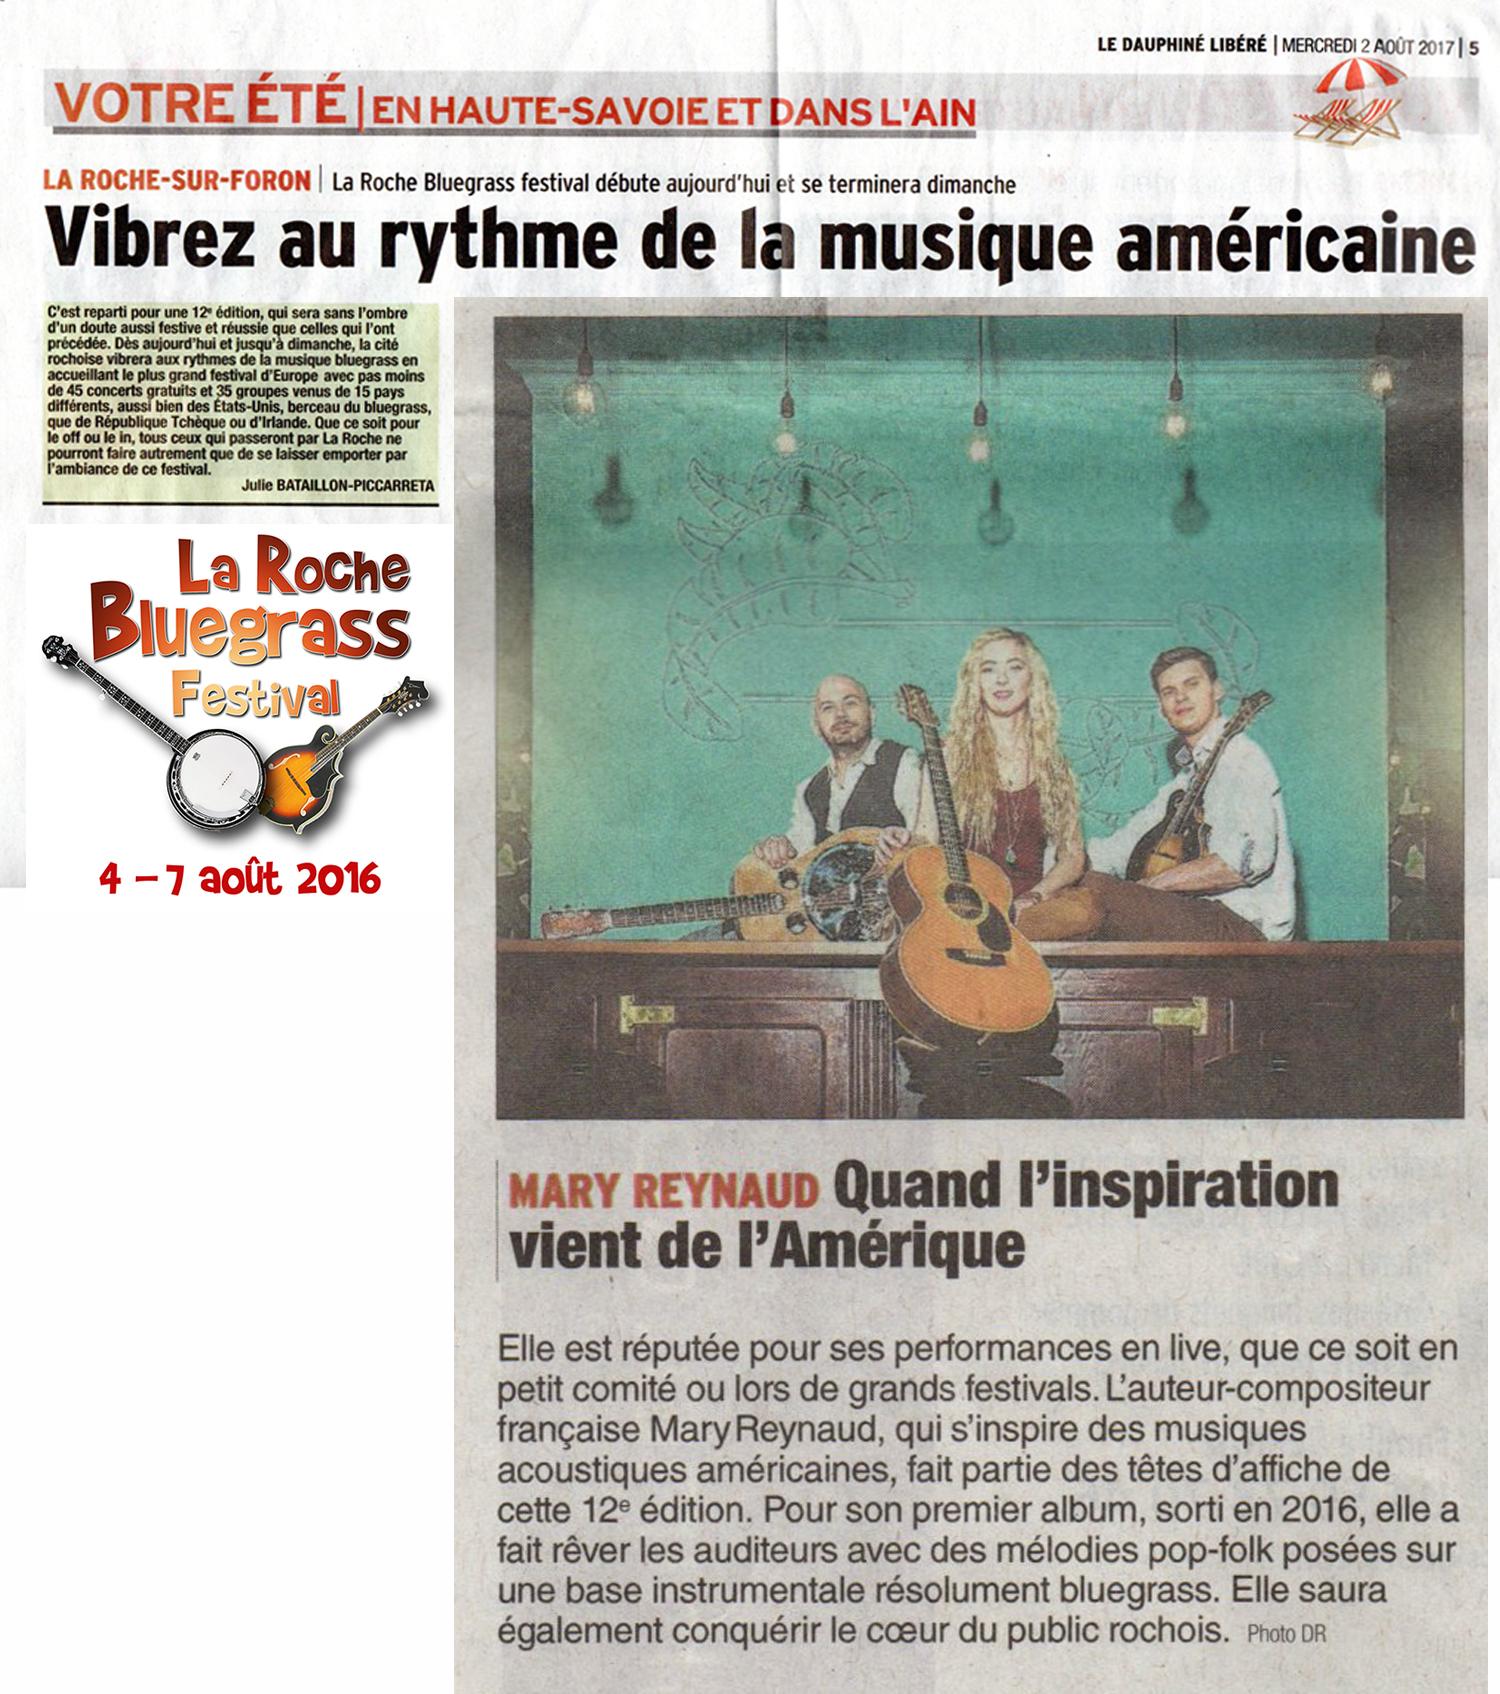 Le Dauphiné Libéré - 03/08/2017